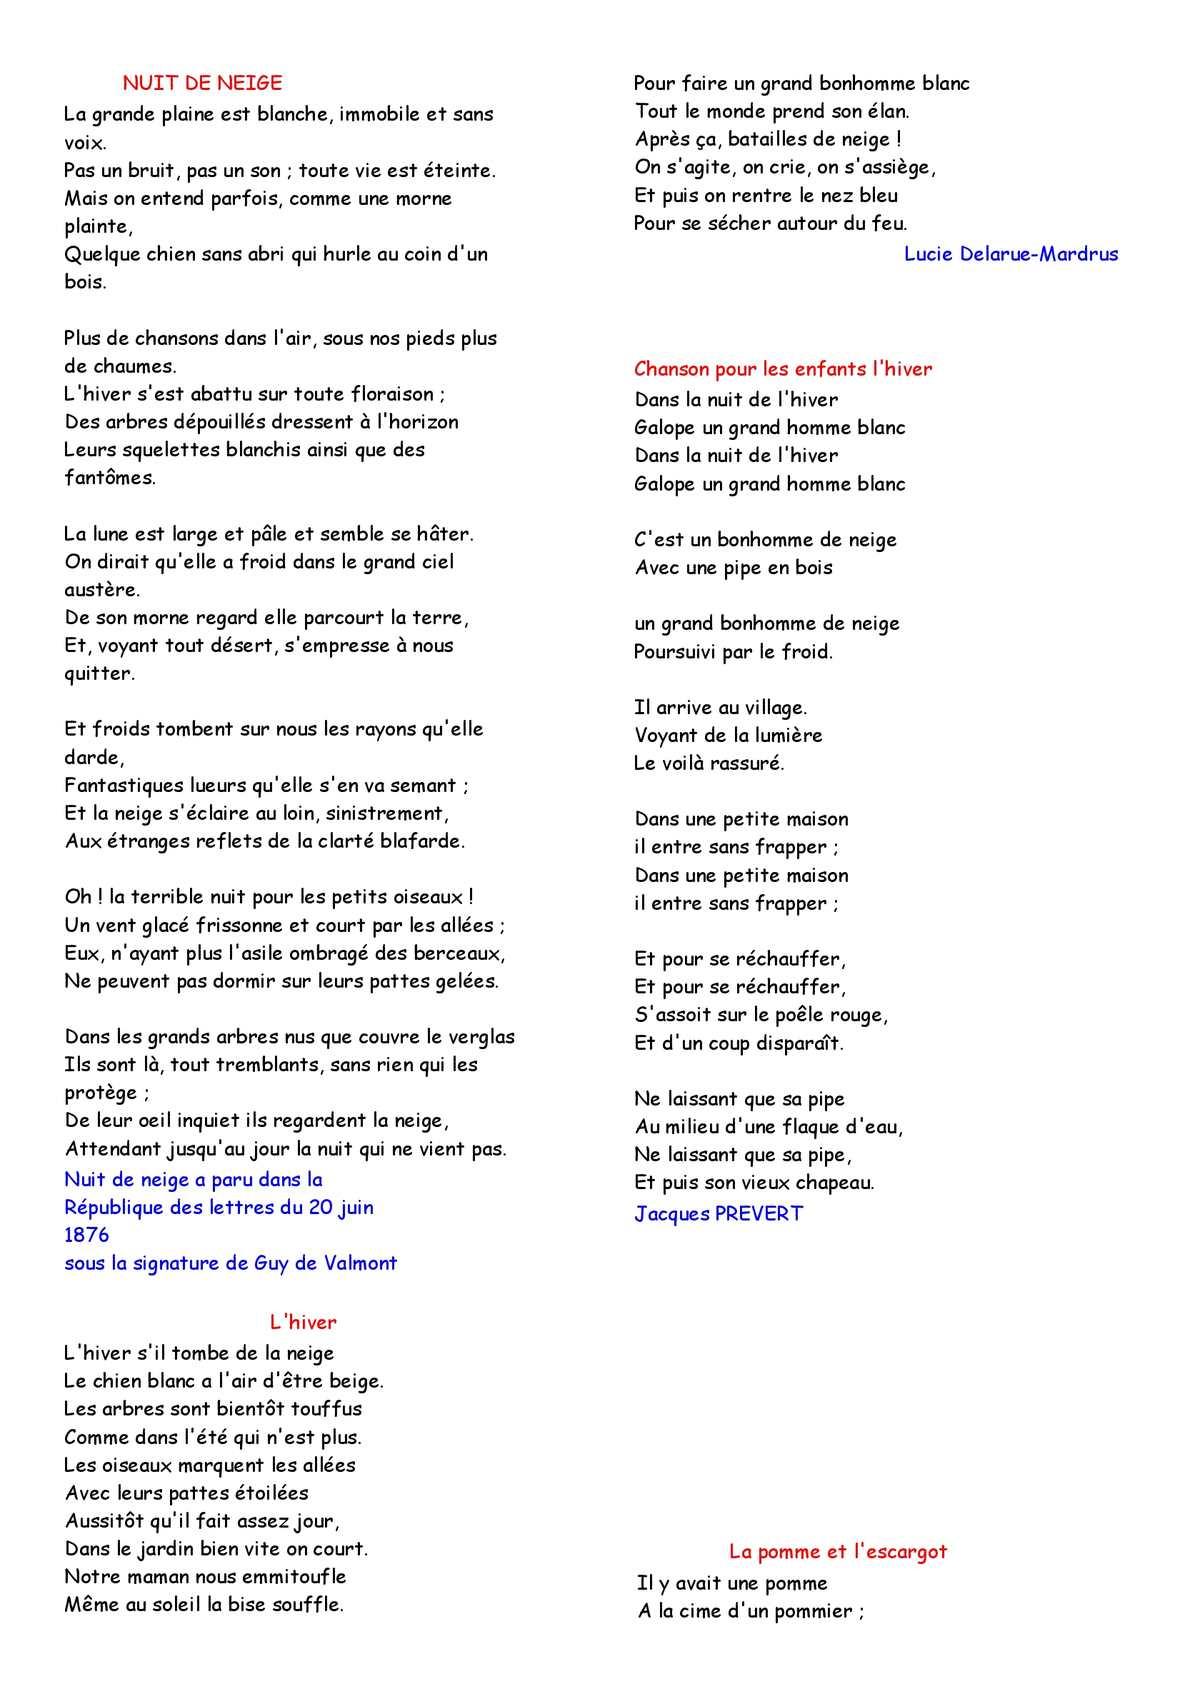 Calaméo - Poesie Hiver encequiconcerne Dans La Nuit De L Hiver Chanson